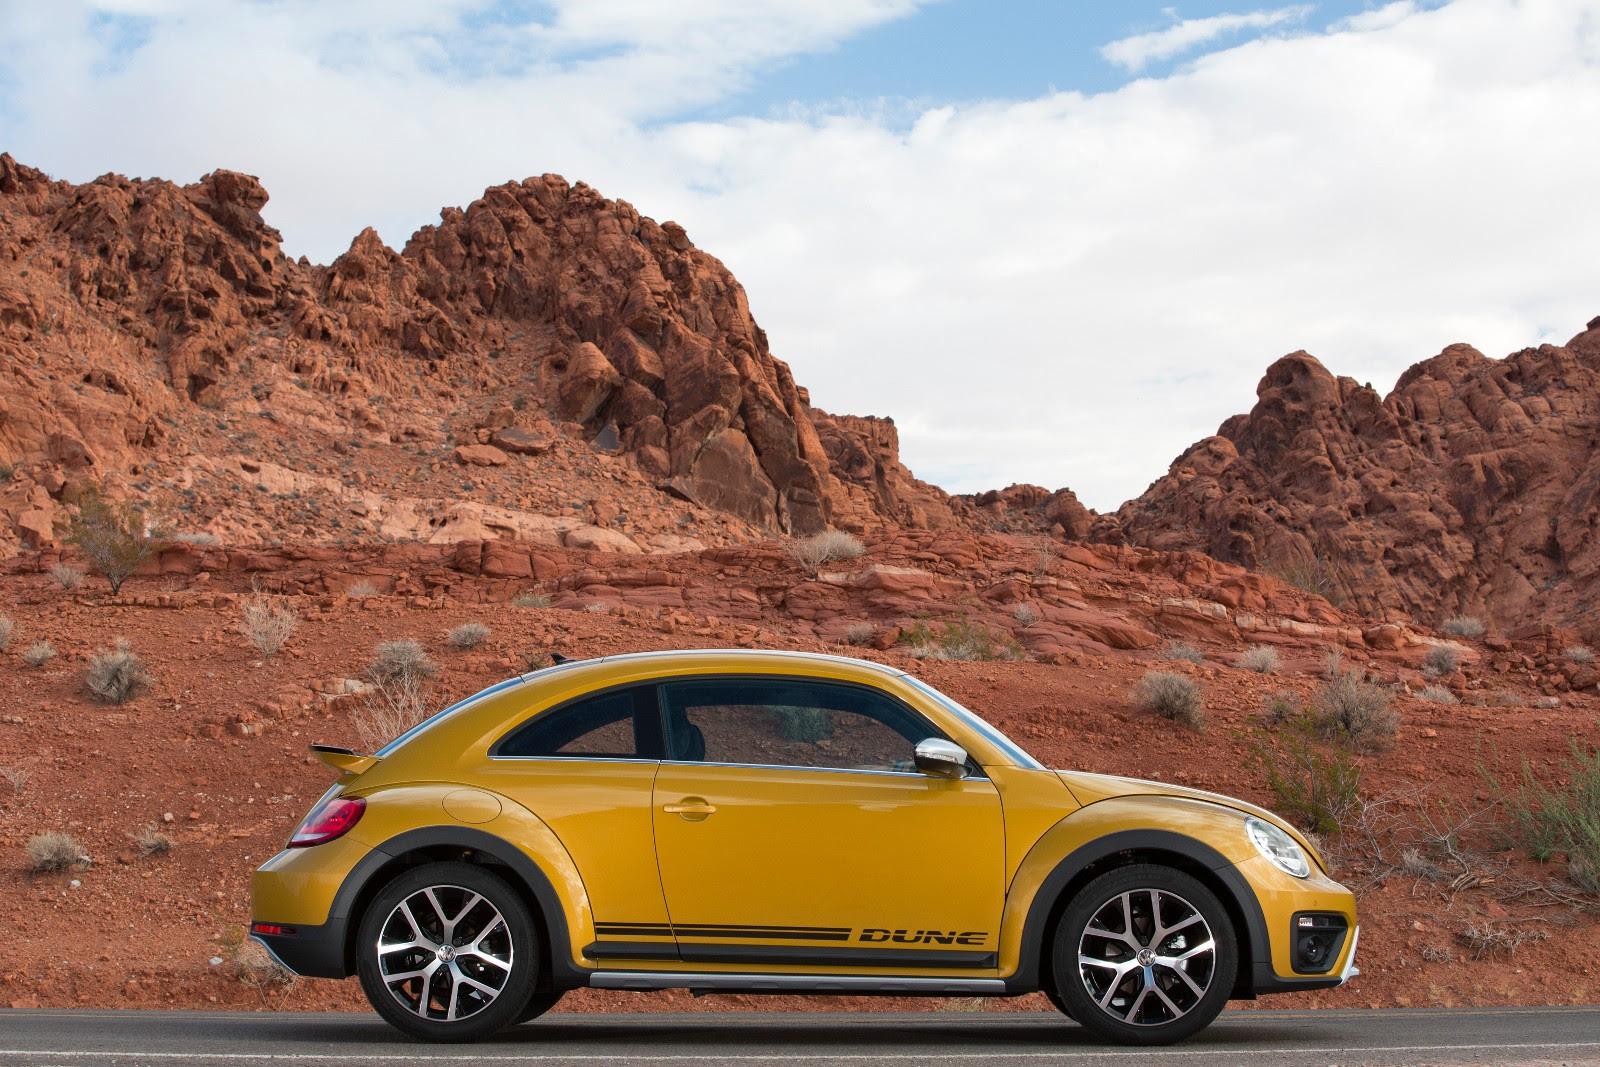 Volkswagen Beetle 2017 review, specification, price